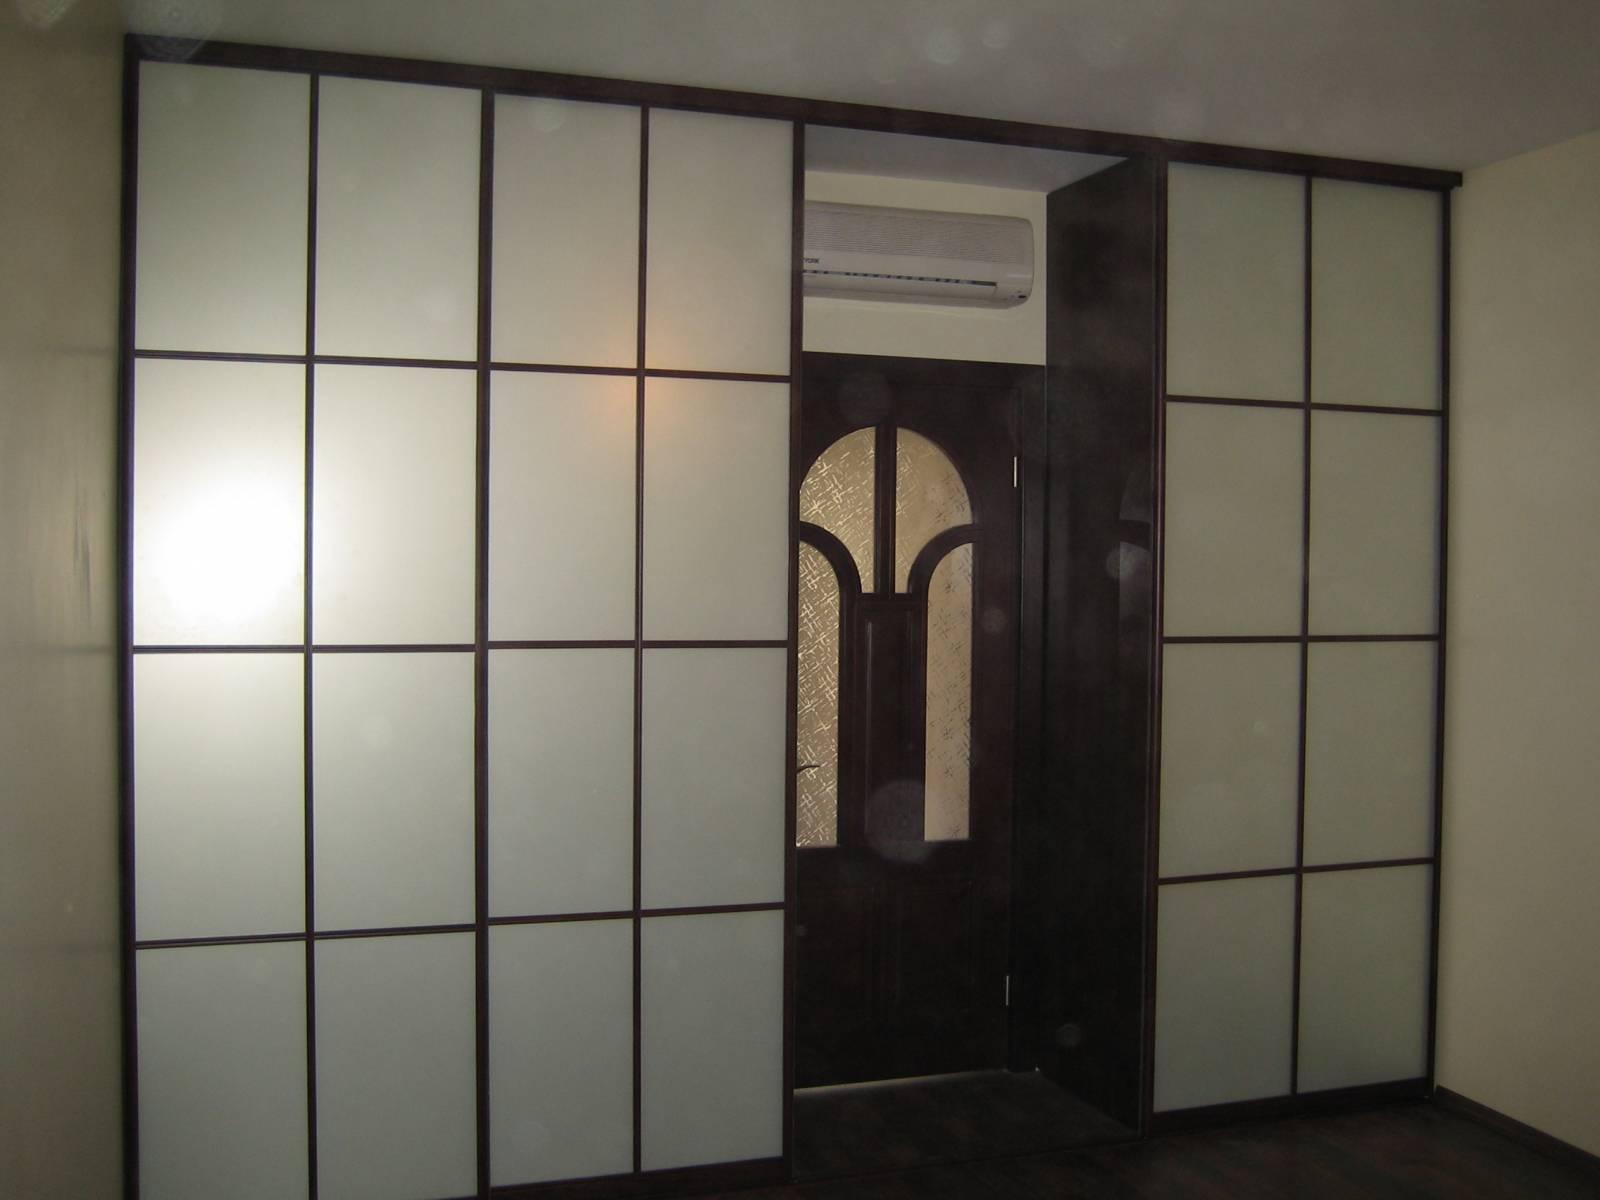 Шкафы межкомнатные перегородки фото